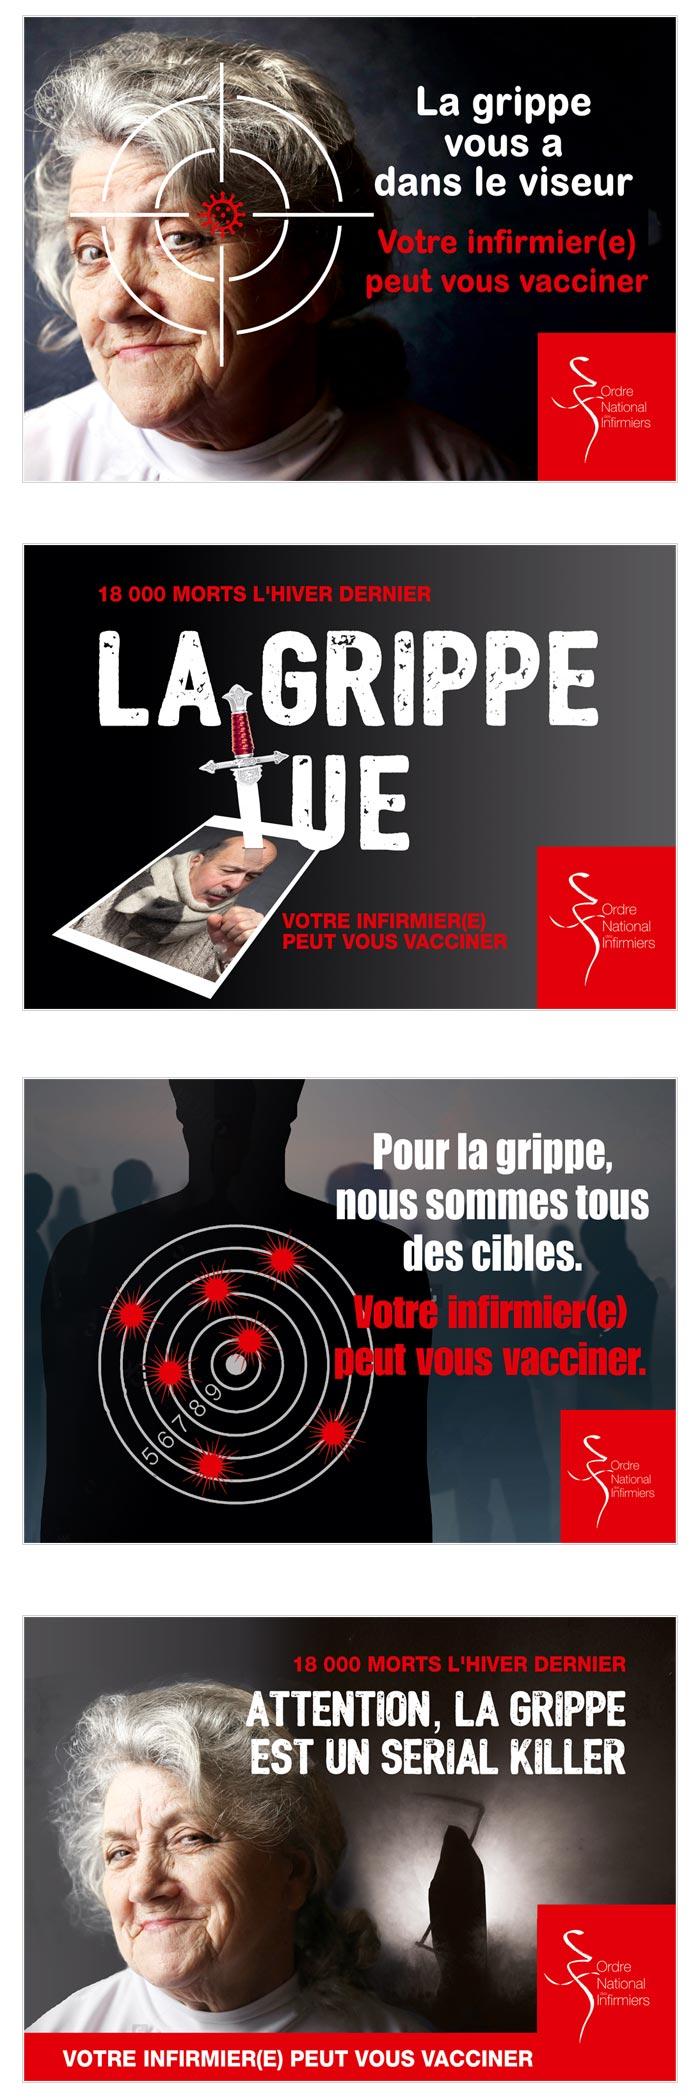 affiches pour information santé et prévention santé